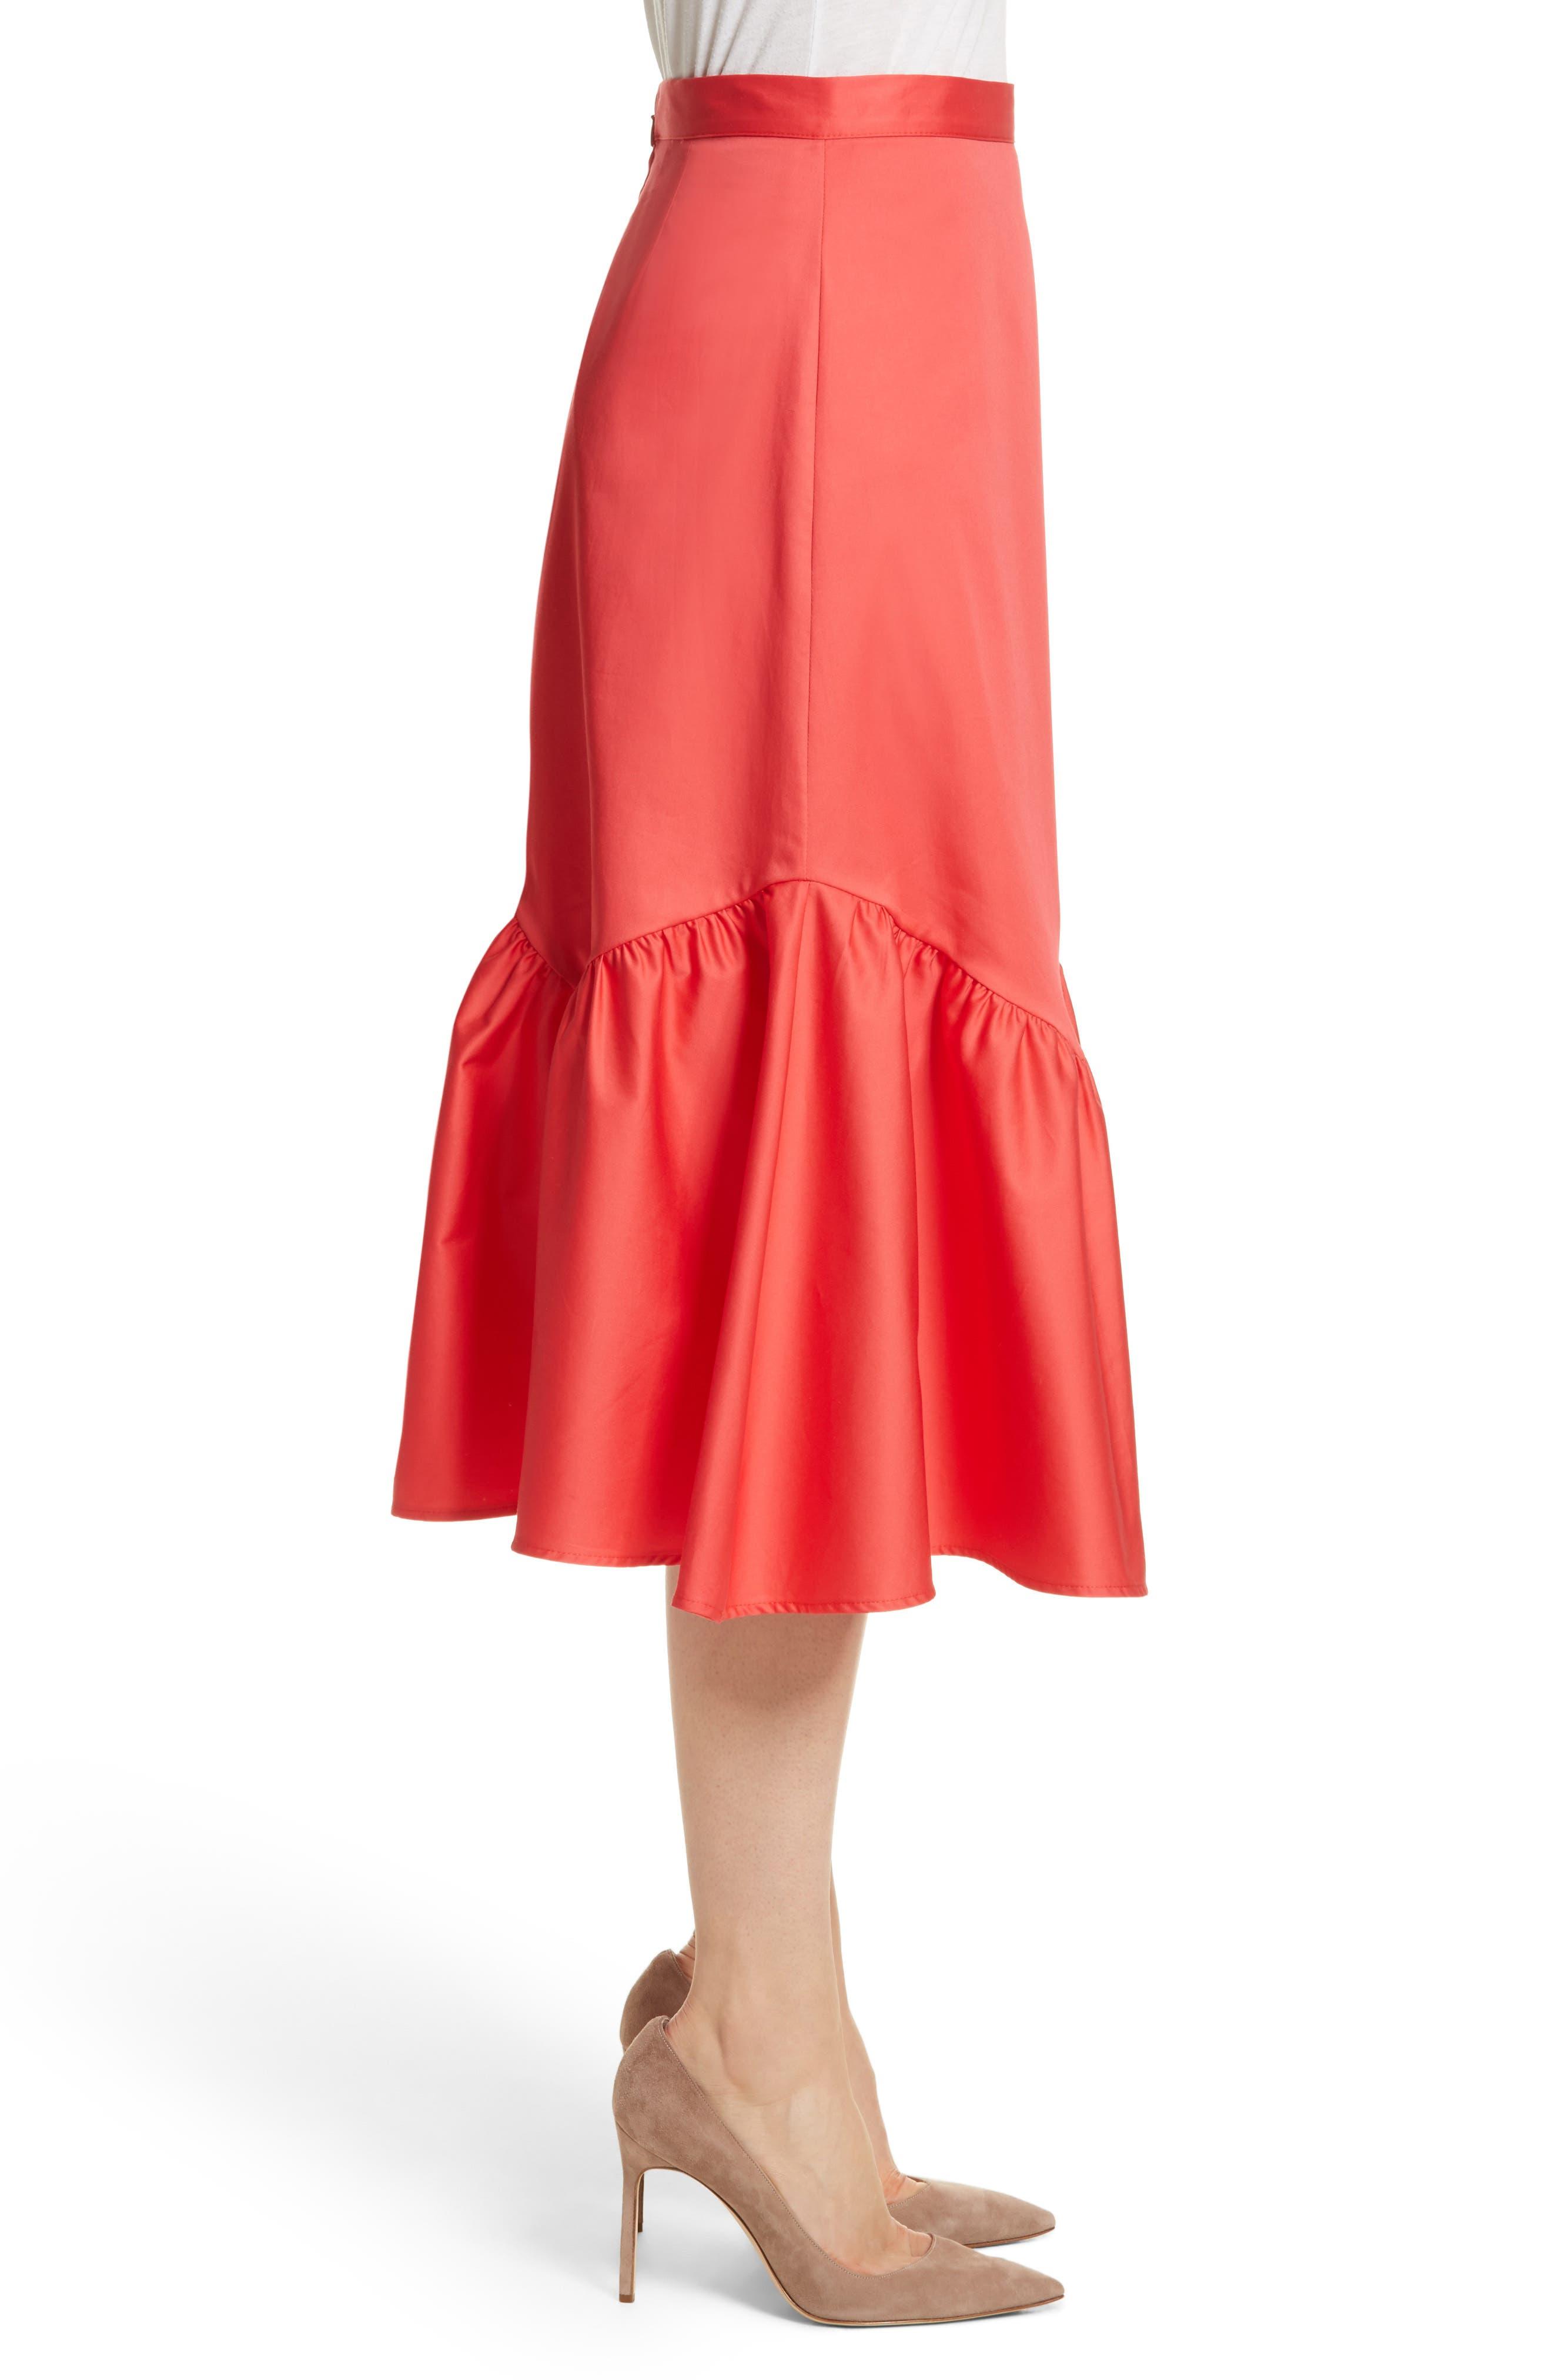 Prose & Poetry Tyra Midi Skirt,                             Alternate thumbnail 3, color,                             621